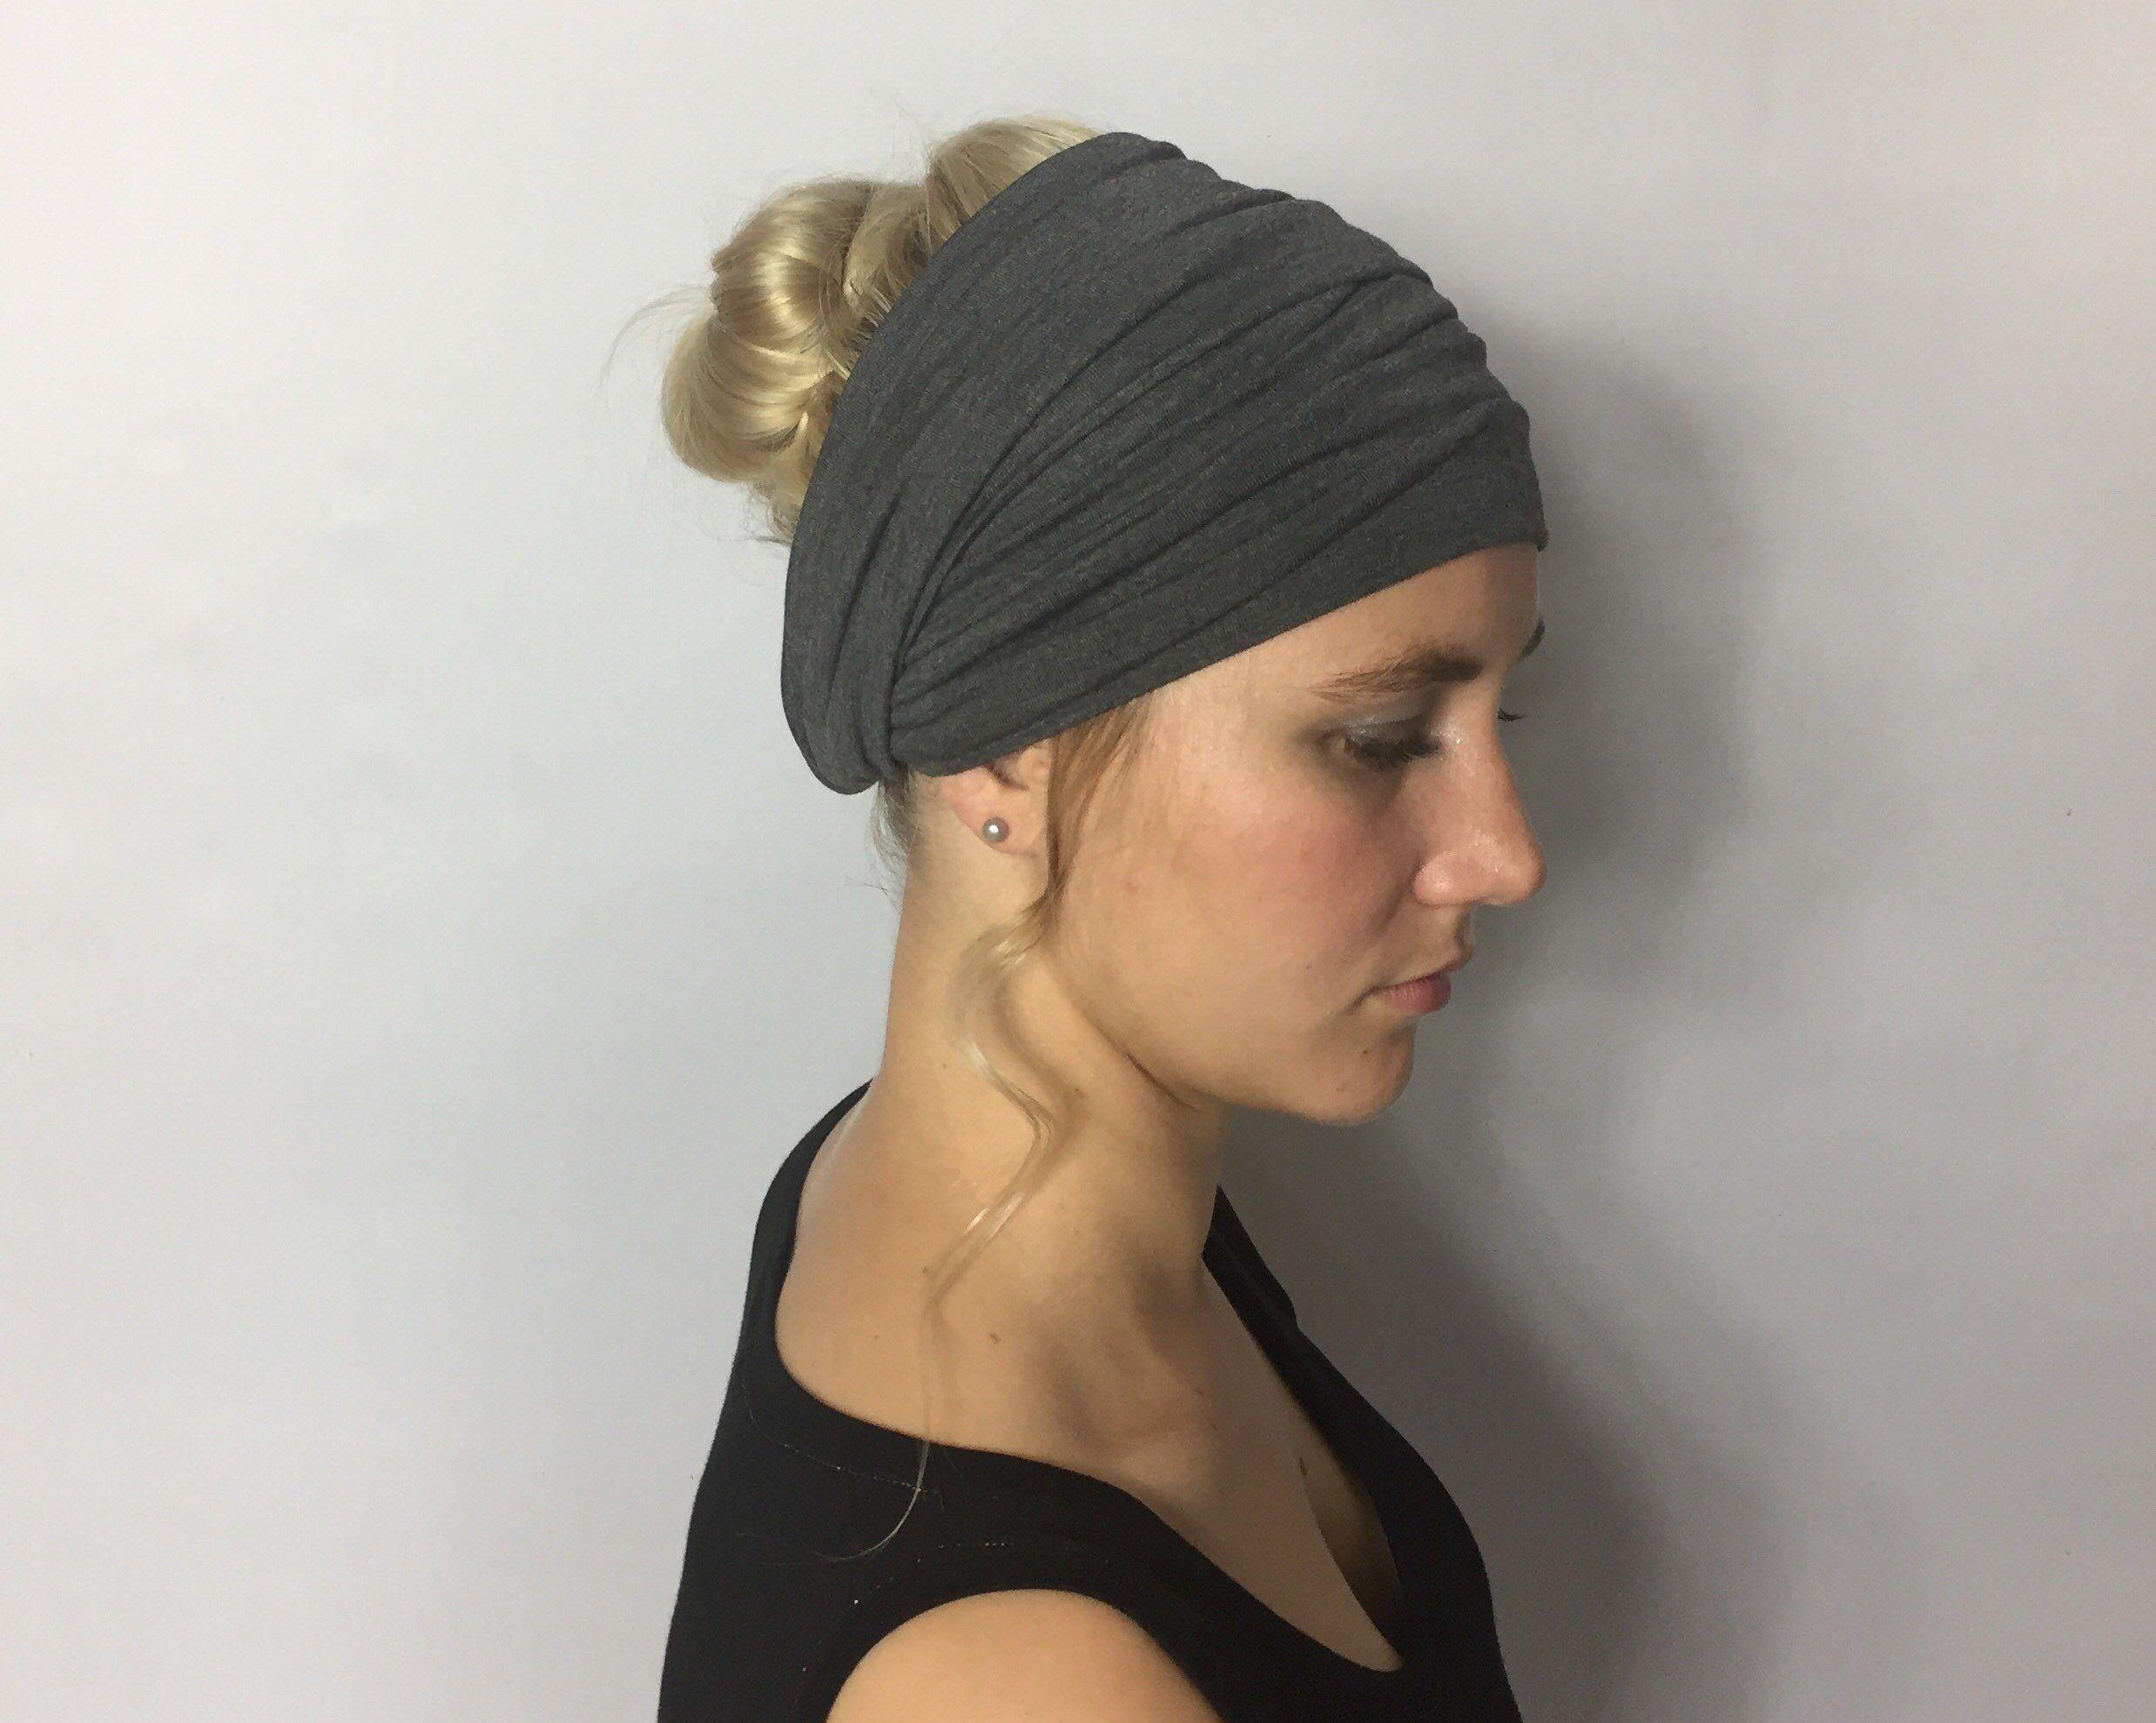 Excited to share this item from my  etsy shop  Dark Grey Head Wrap - Fashion  Headbands - Fashion Turban - Extra Wide Headband - Turban Headband - Boho  Head ... ec9258760ca